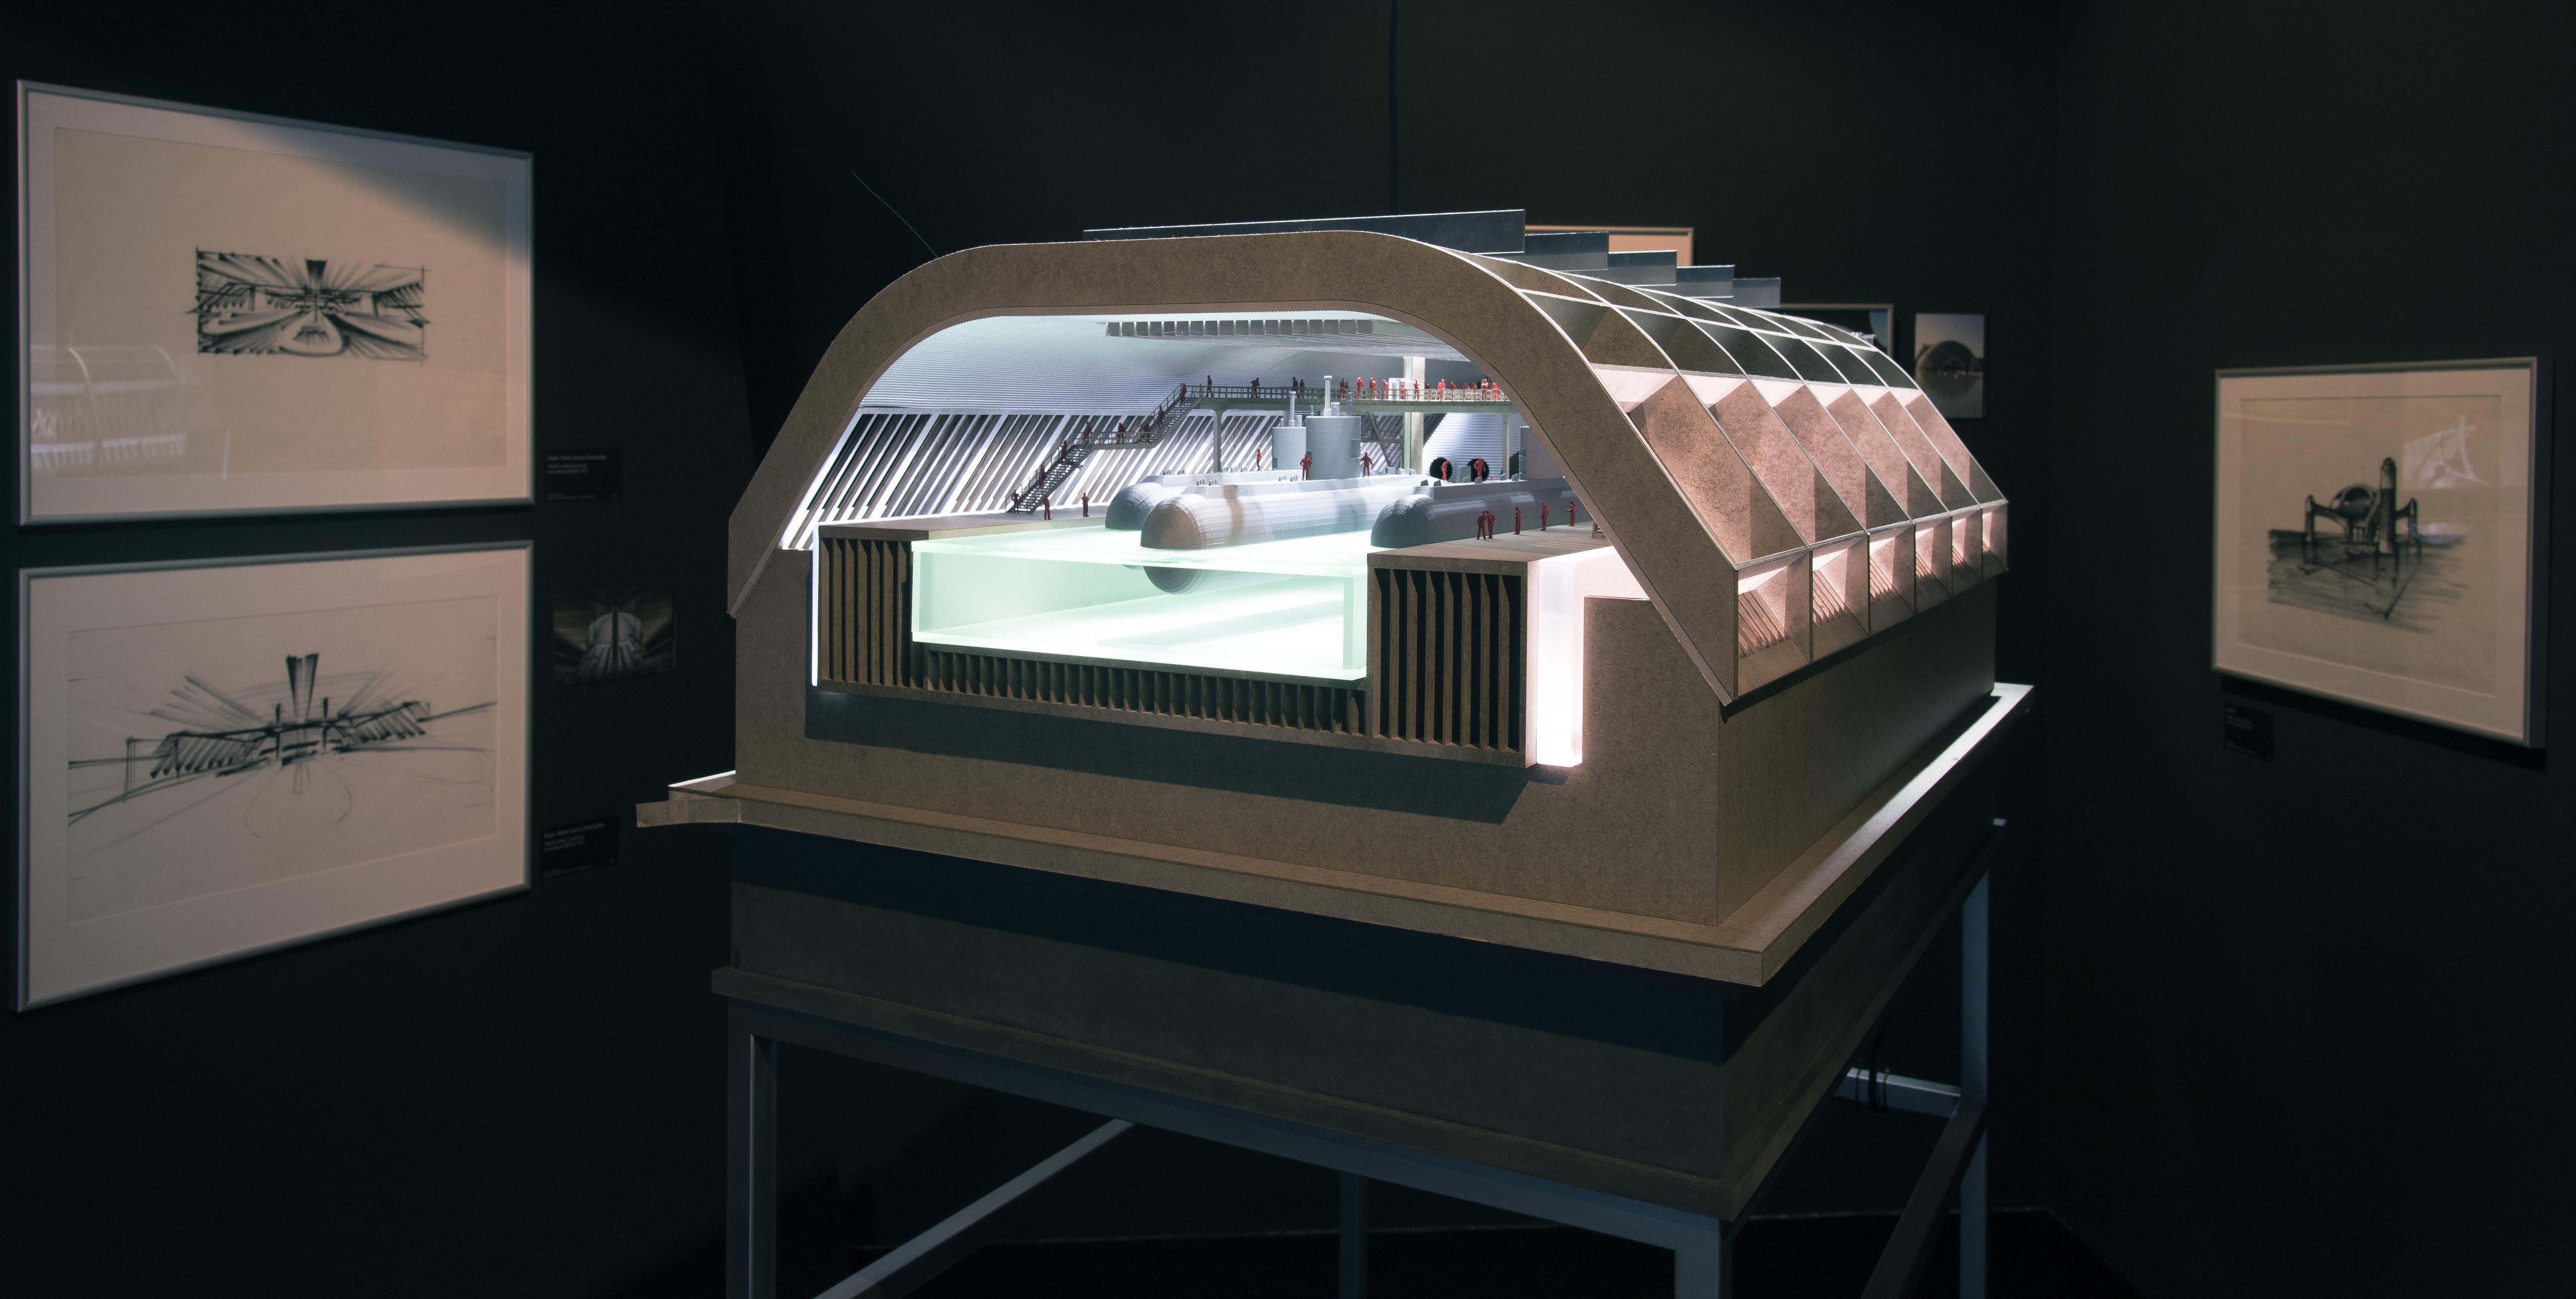 """Raumansicht der Ausstellung """"Bigger Than Life - Ken Adam's Film Design"""", Deutsche Kinemathek, Berlin"""